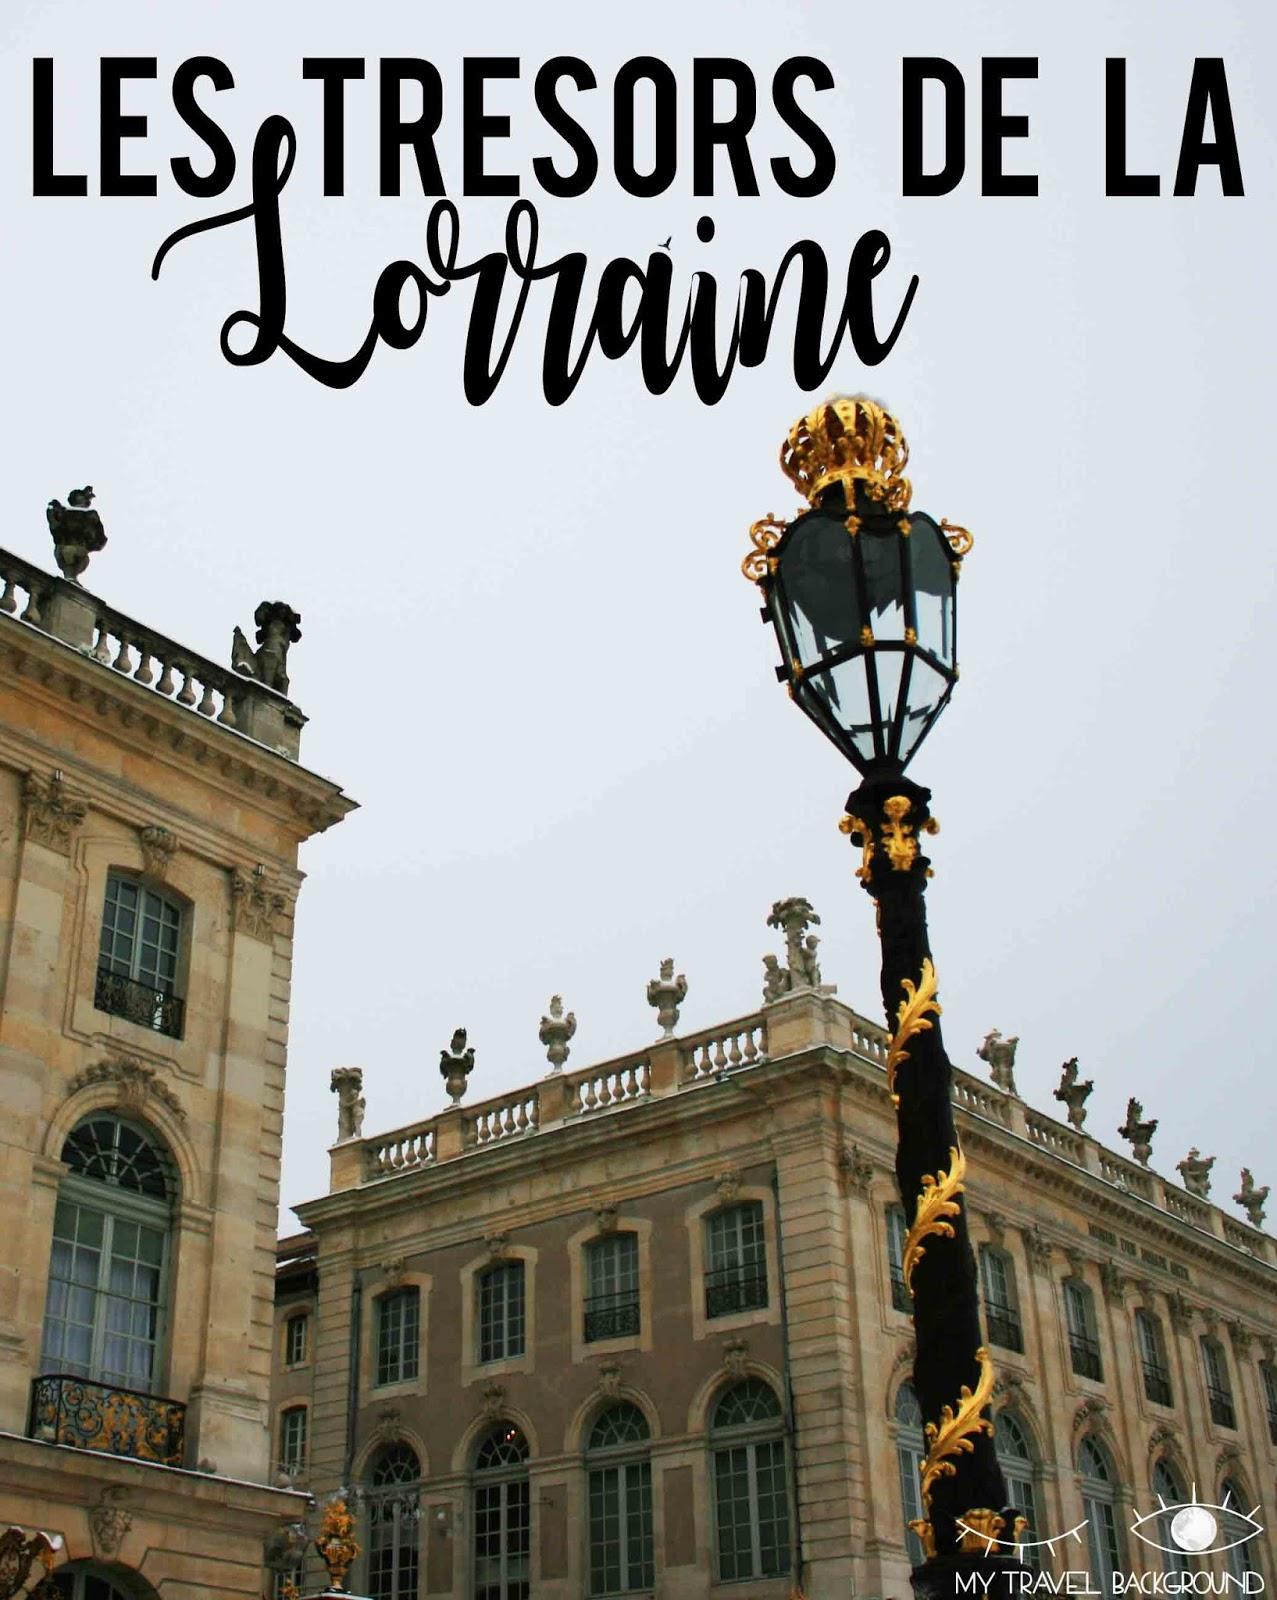 My Travel Background : Les trésors de la Lorraine (je vous emmène en Lorraine) - Pinterest